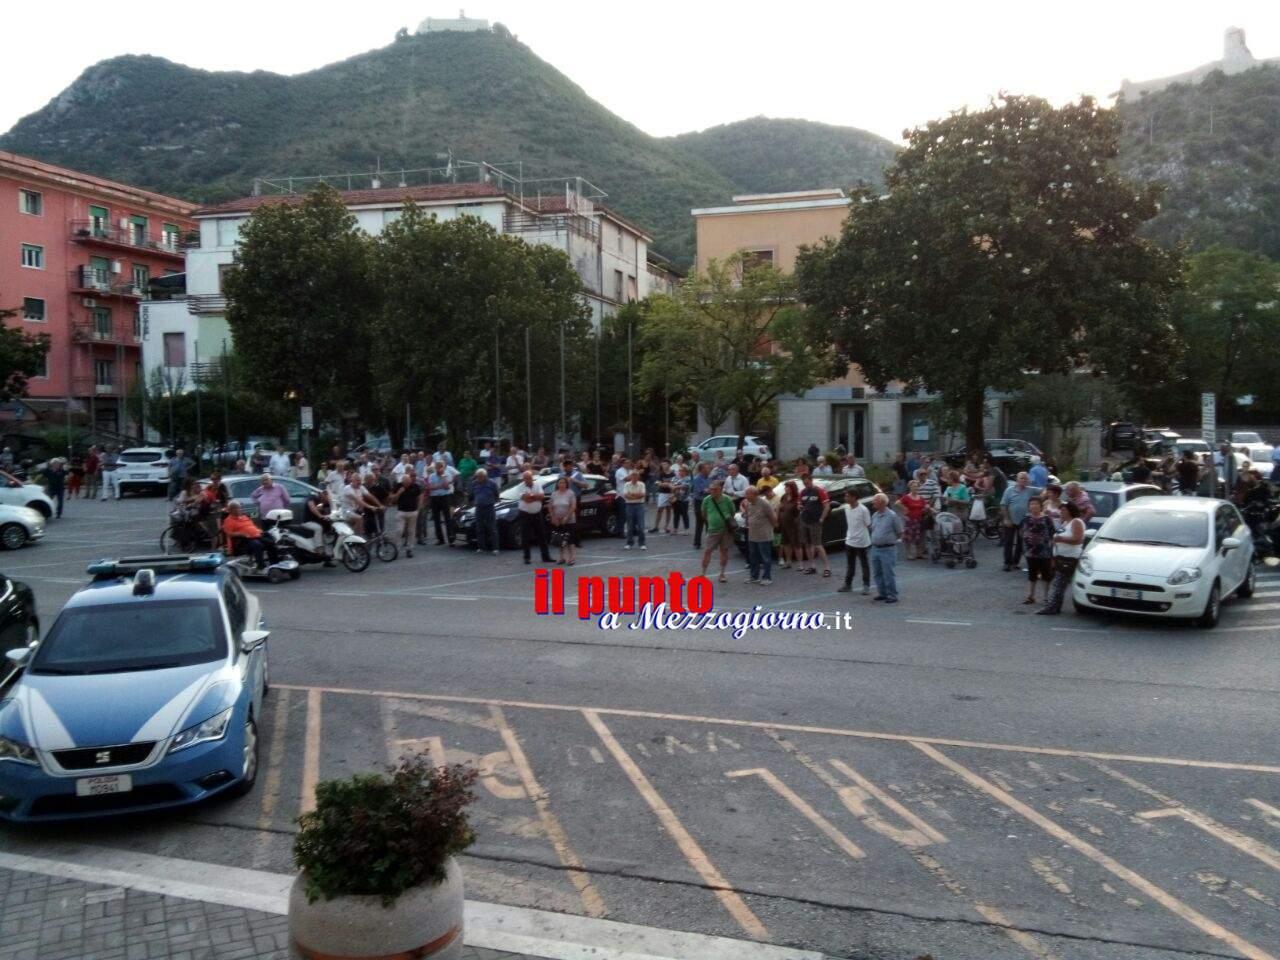 Cassino: Consiglio comunale e polemiche. Sul caso Acea si infiamma piazza De Gasperi